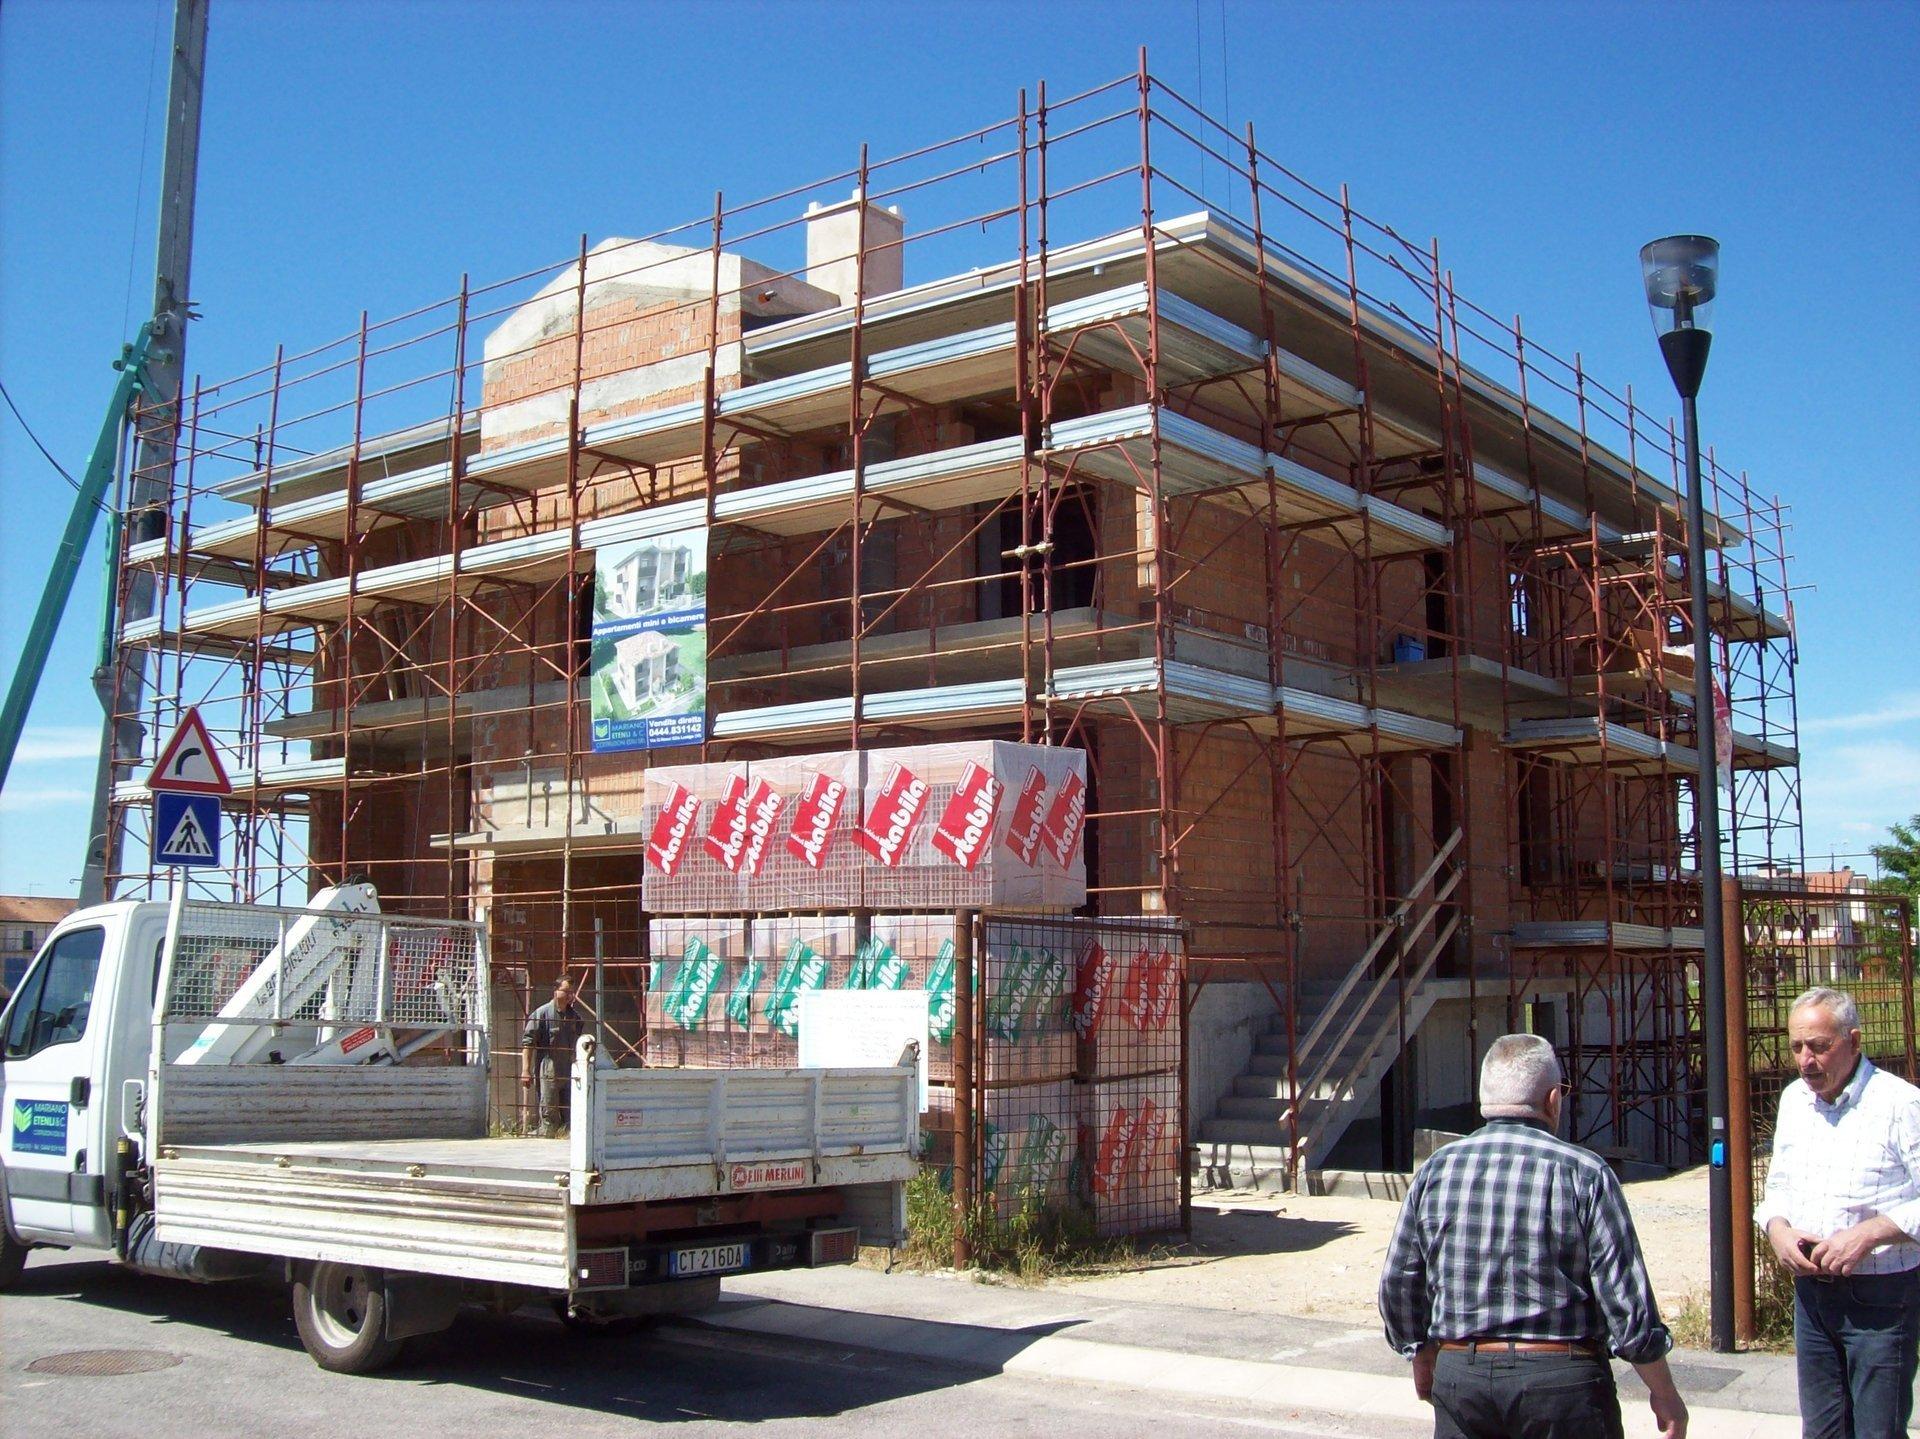 Ditta di costruzioni lonigo vi etenli mariano co for Imprese edili e costruzioni londra